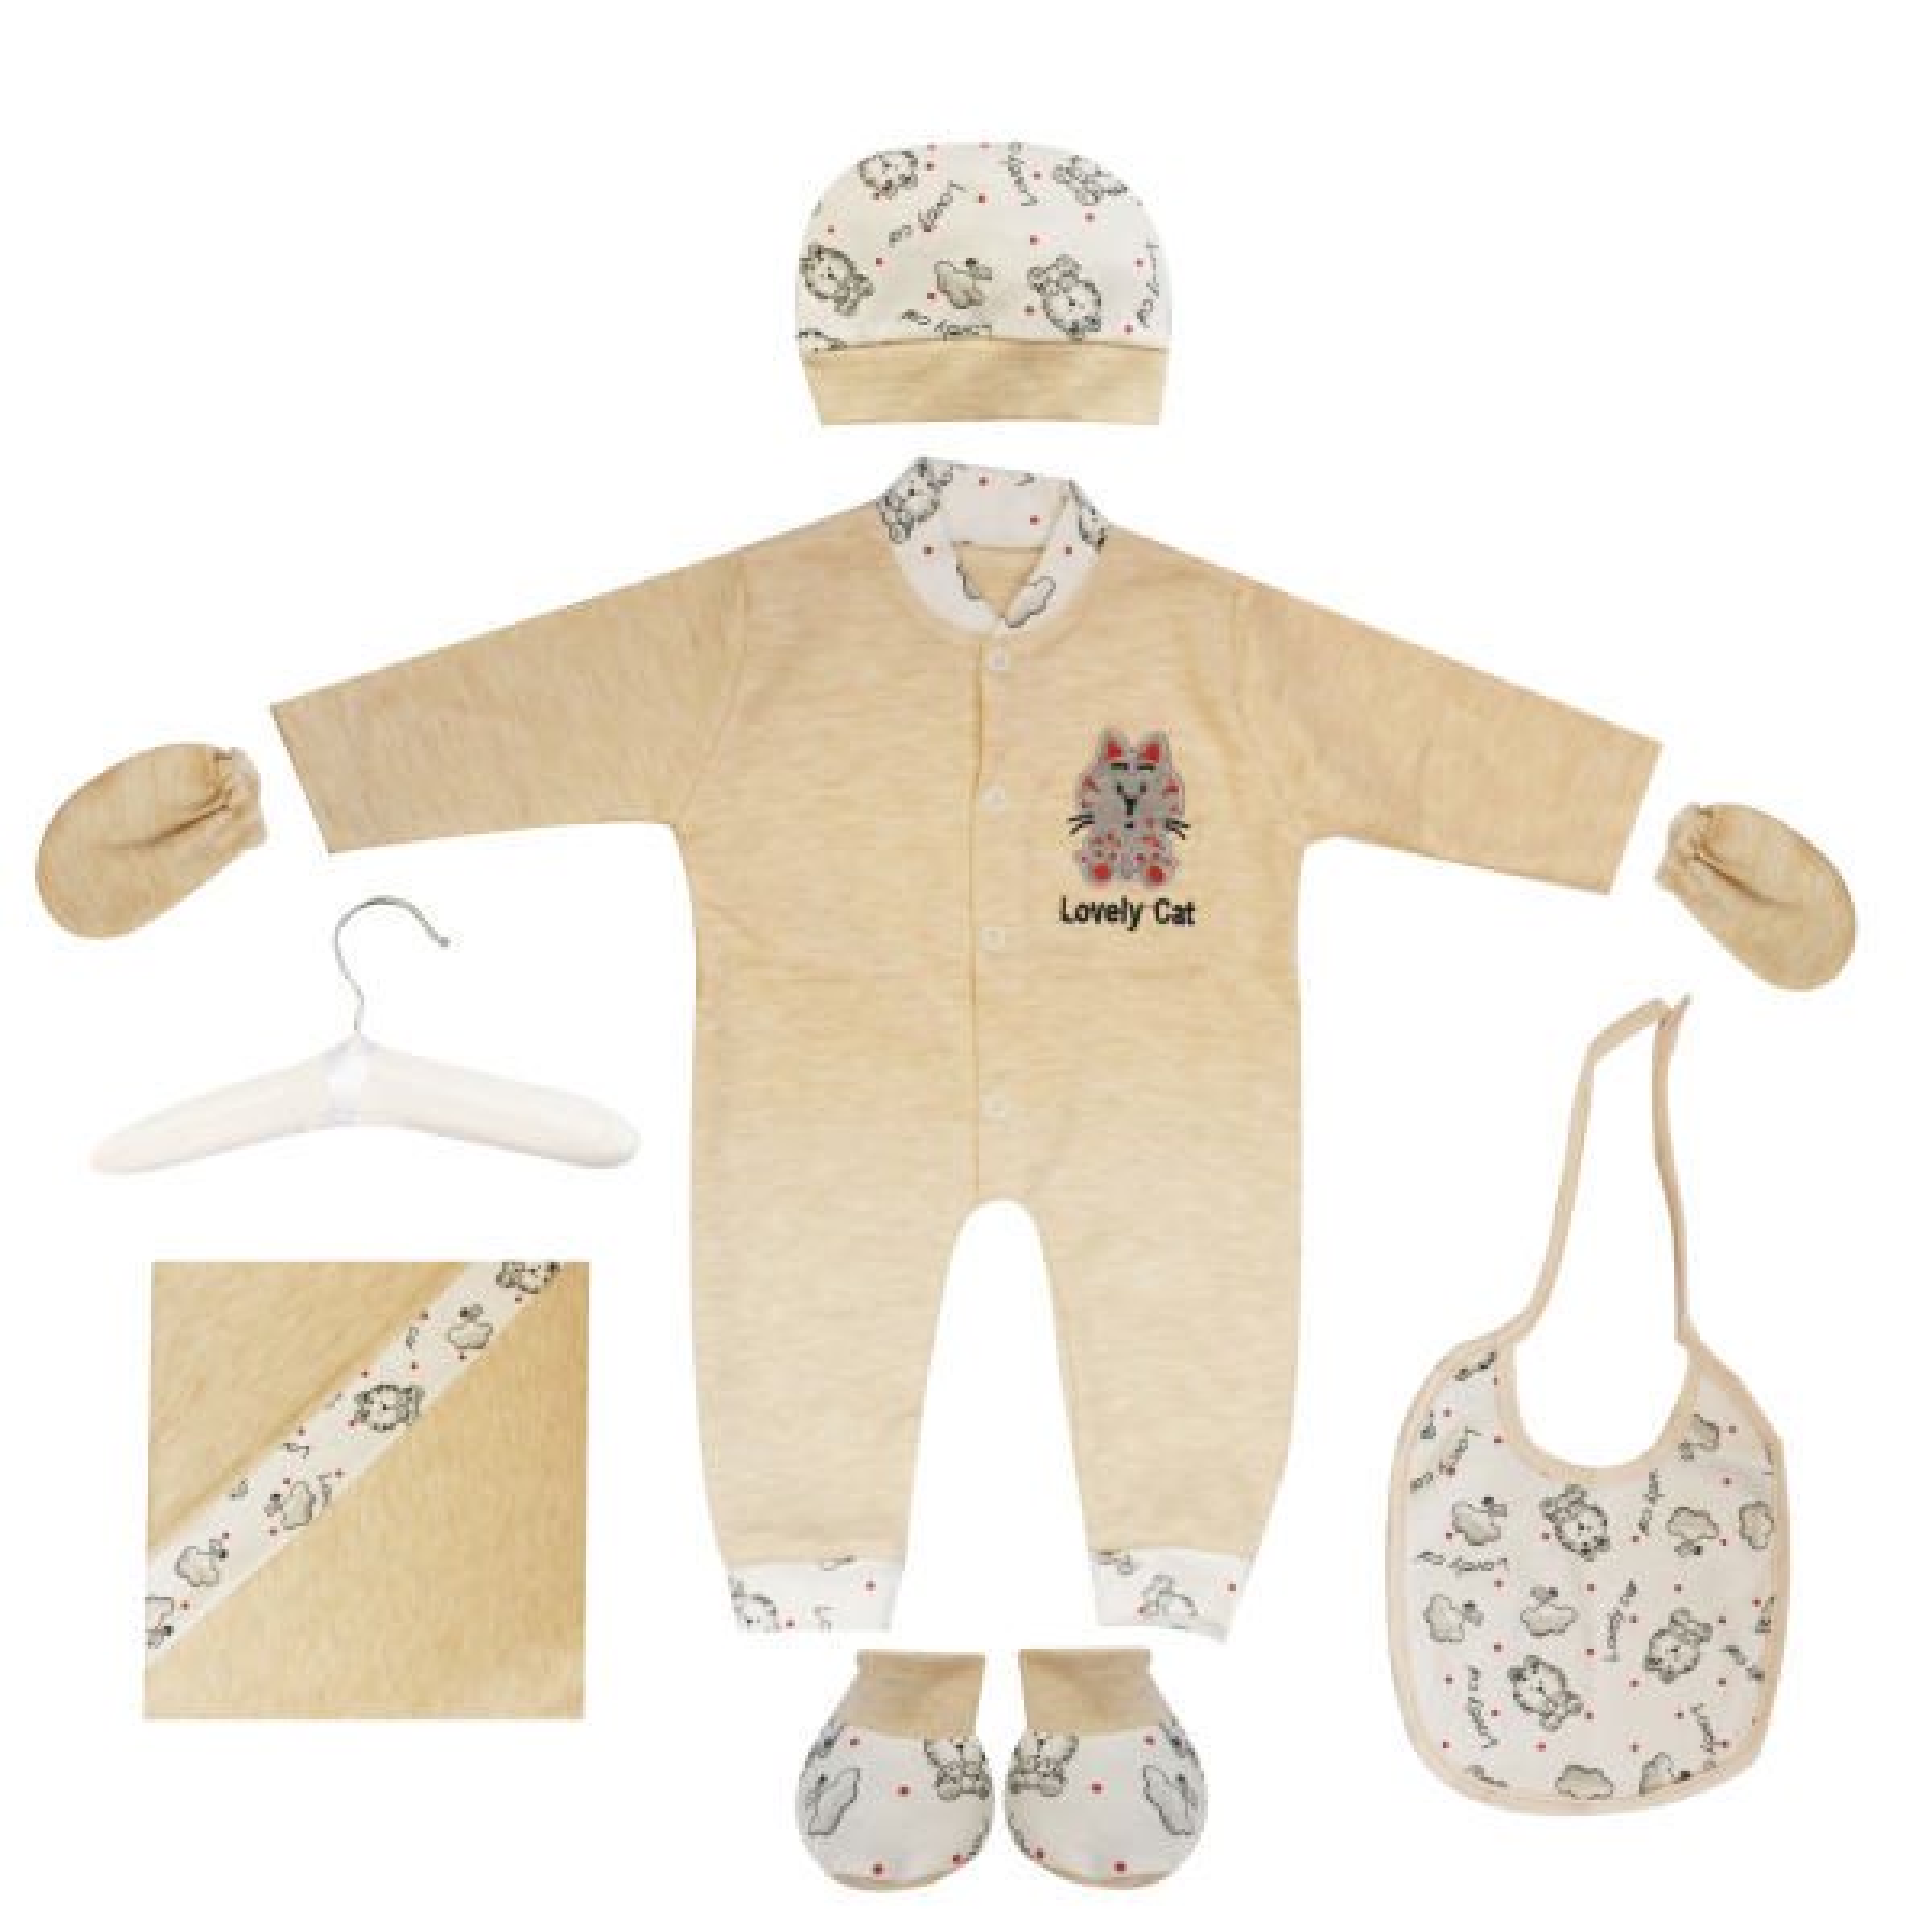 ست 7 تکه لباس نوزادی مادرکر طرح گربه کد M454.10